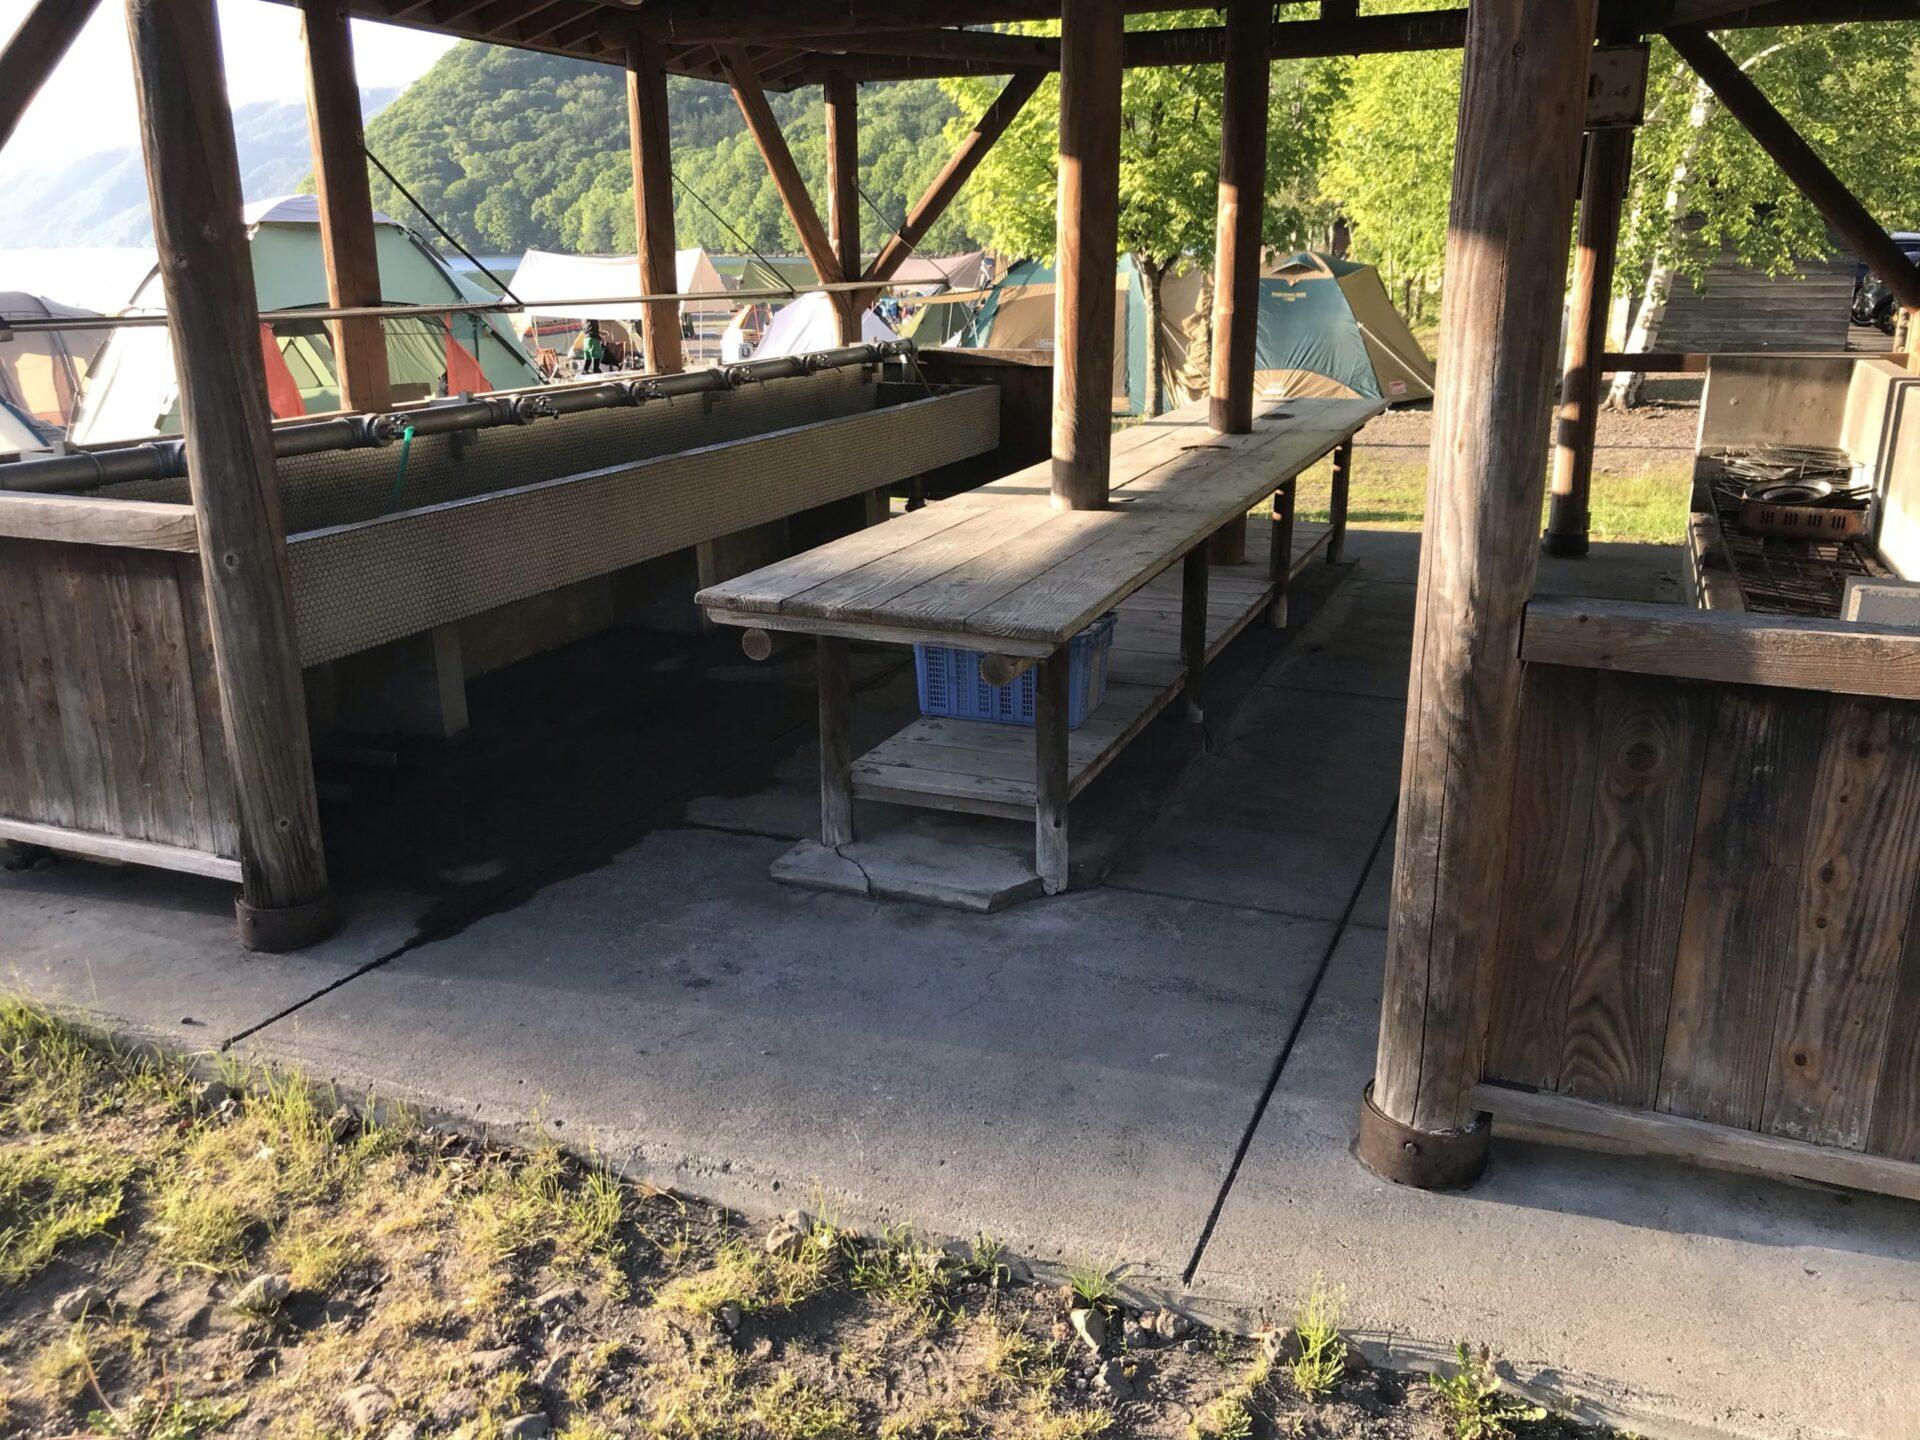 モラップキャンプ場の炊事場